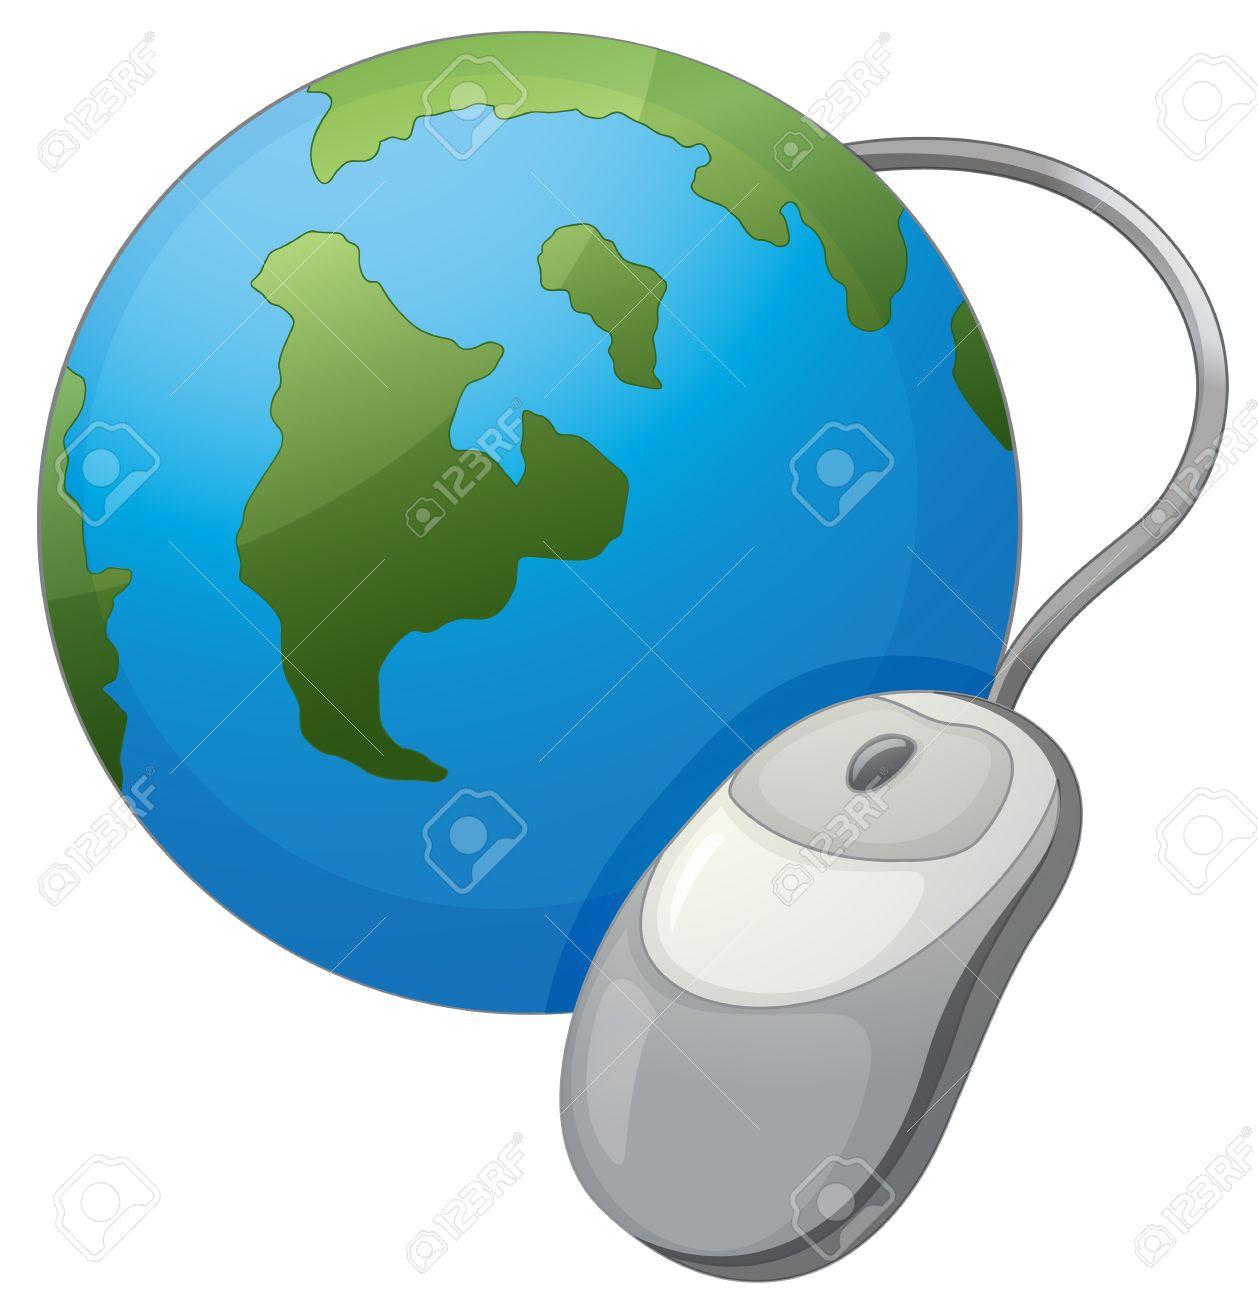 1258x1300 Technology Clipart Internet